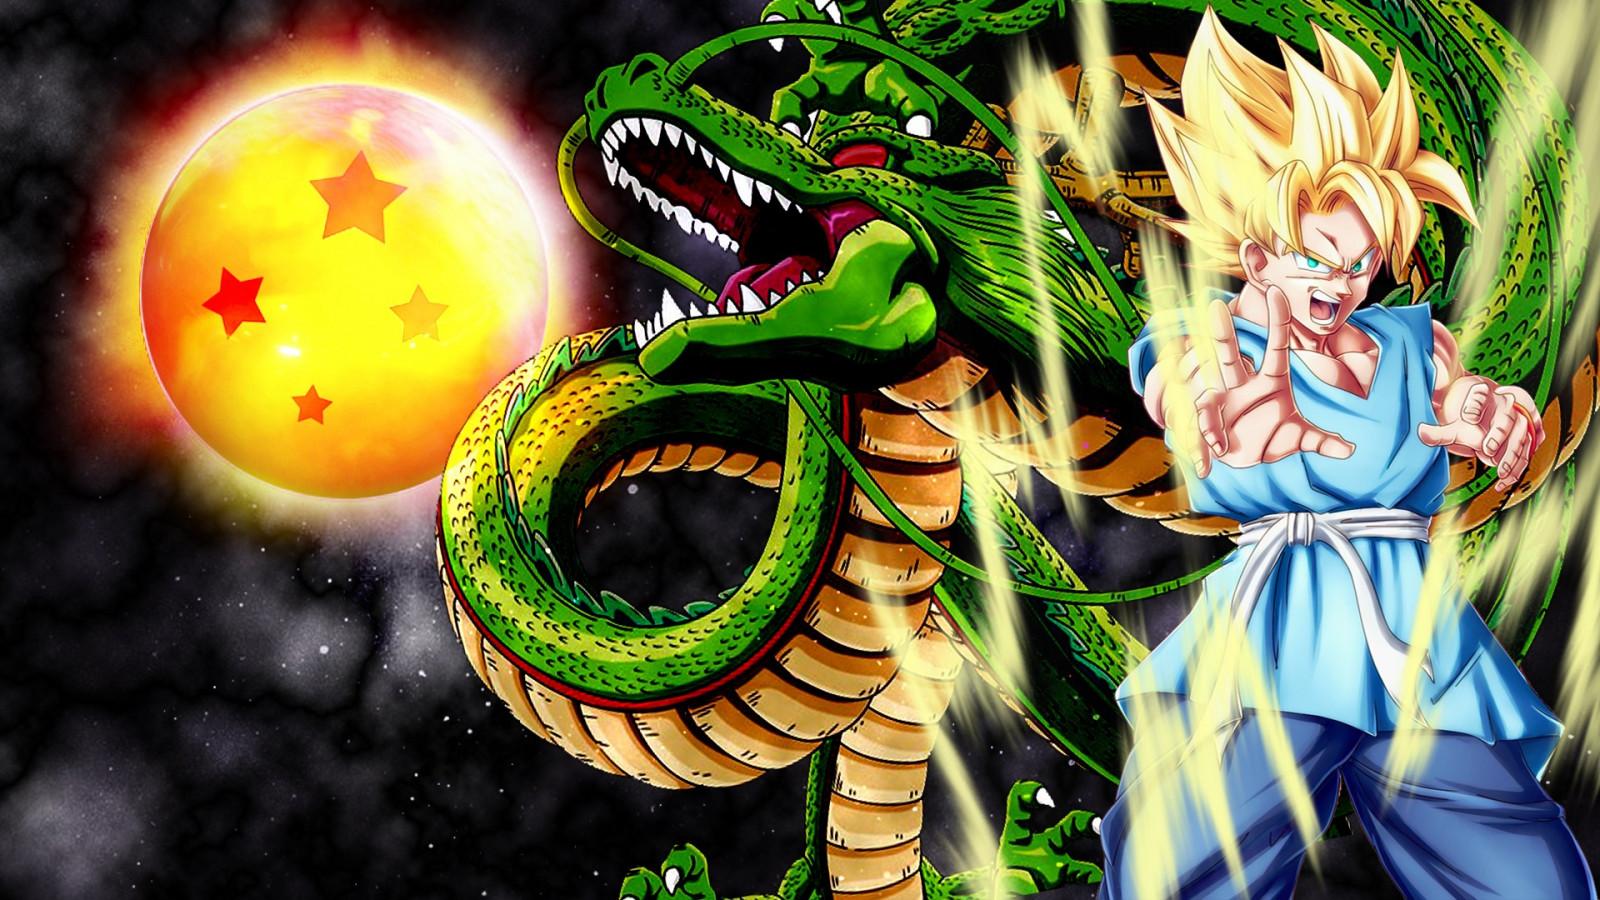 ドラゴンボール神龍と悟空の壁紙